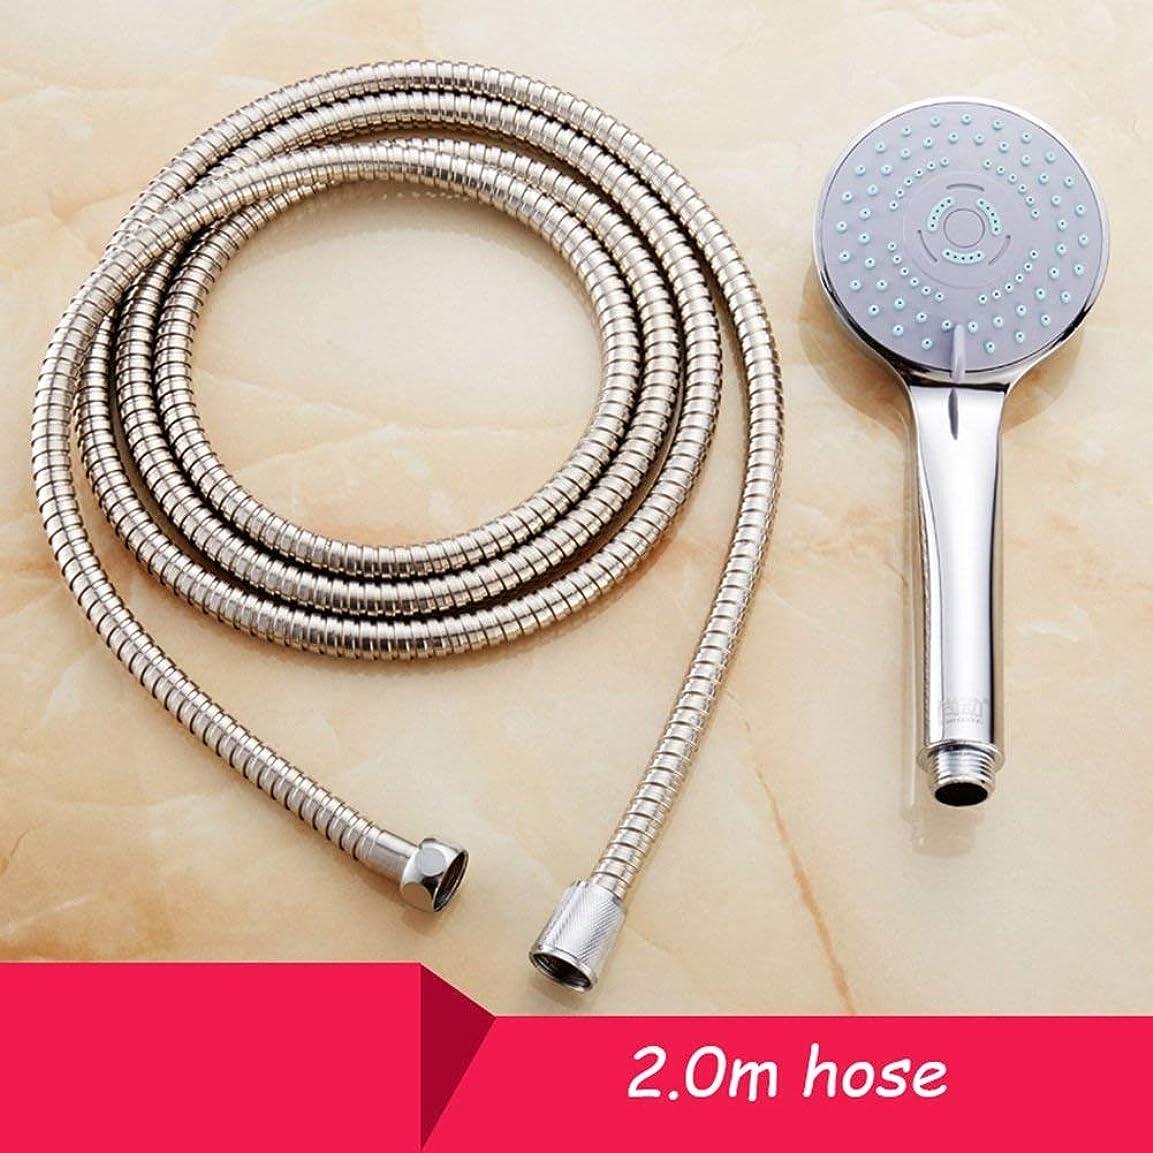 端付属品講義実用的なハンドシャワー ハンドシャワーサードギアシャワーヘッド浴室加圧レインシャワーノズルセット給湯器ハンドヘルド風呂シャワーヘッド (Color : 3)